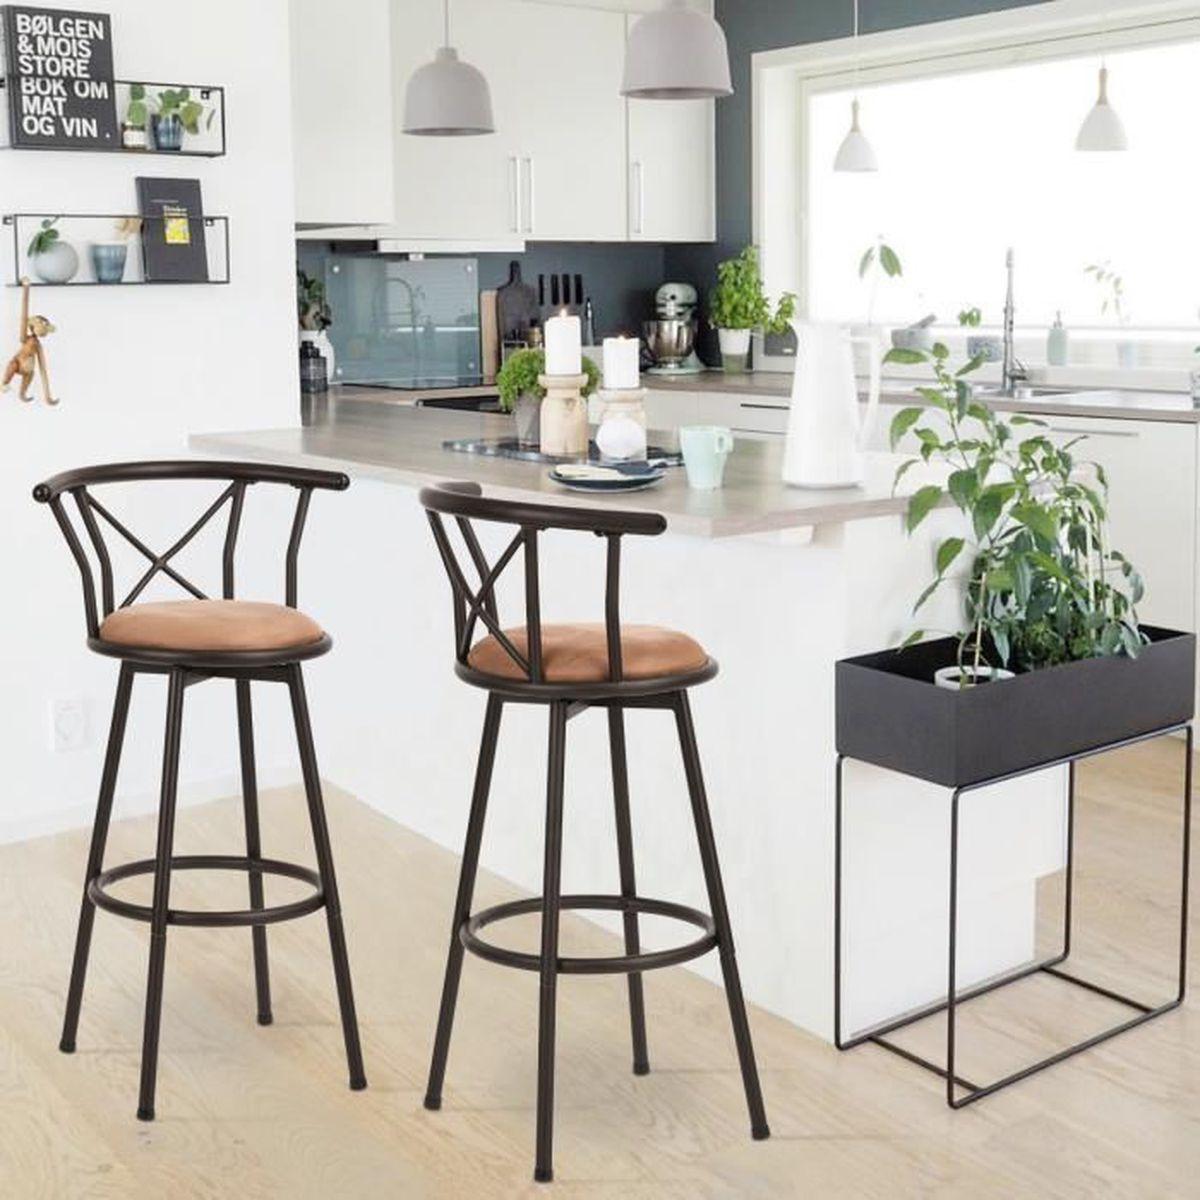 Cuisine Maison Dutch Design Chair Tabouret Moderne En Hetre